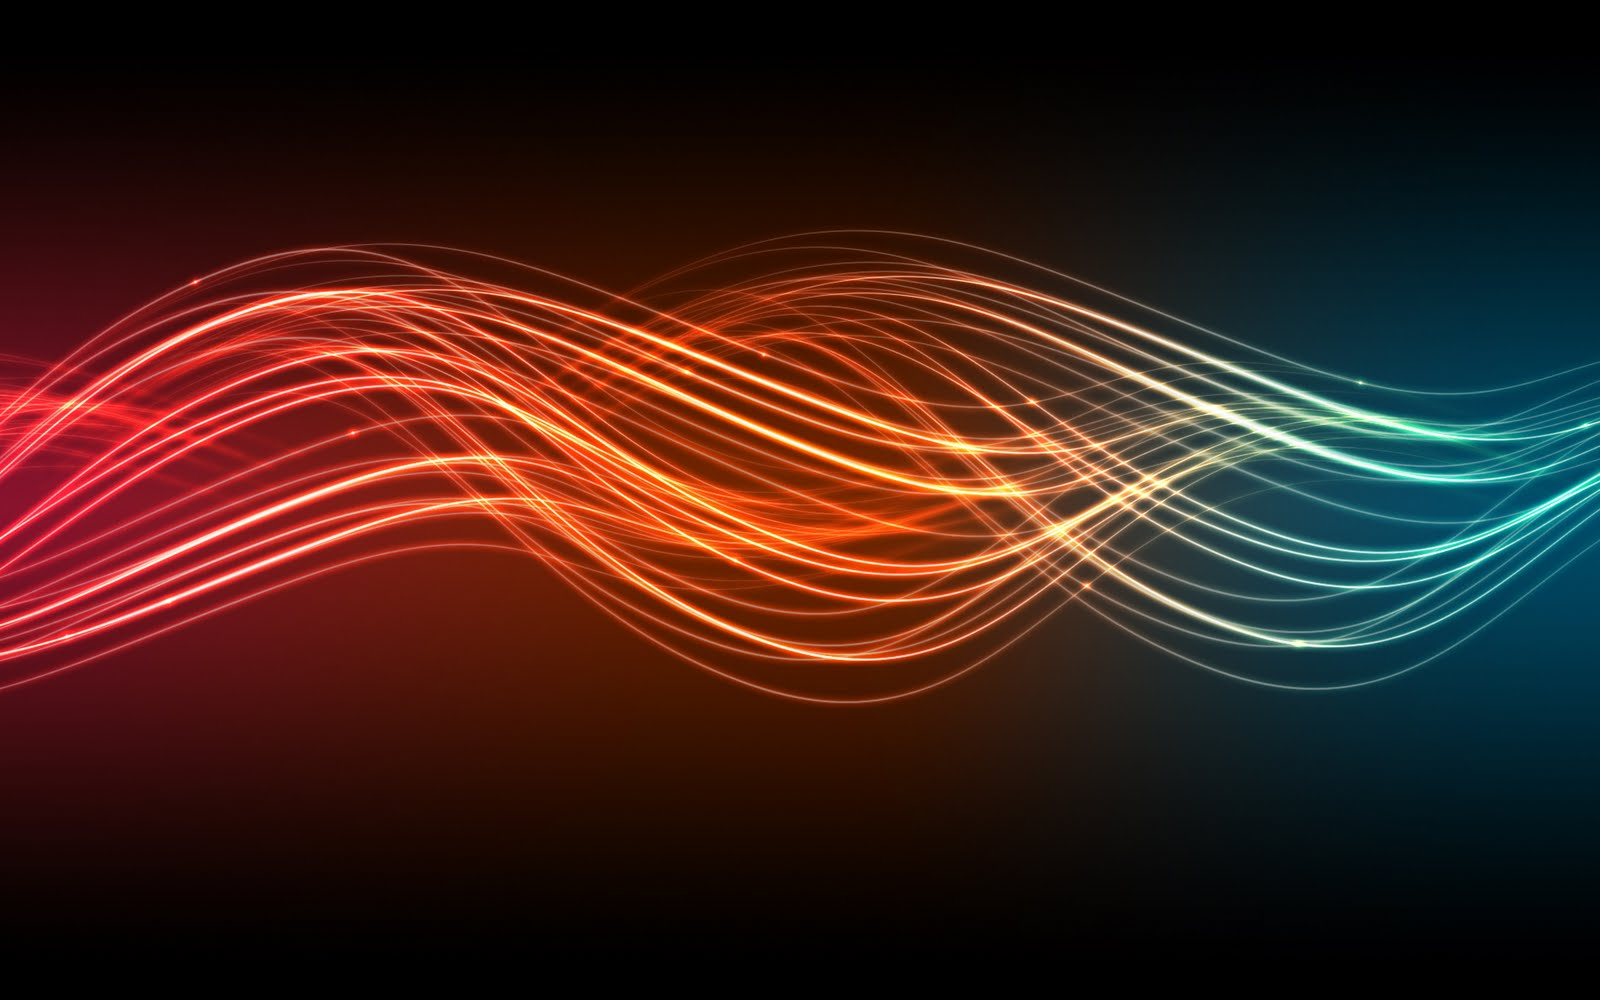 Free Desktop Wallpapers | Backgrounds: 3d Desktop Wallpapers, Free ...